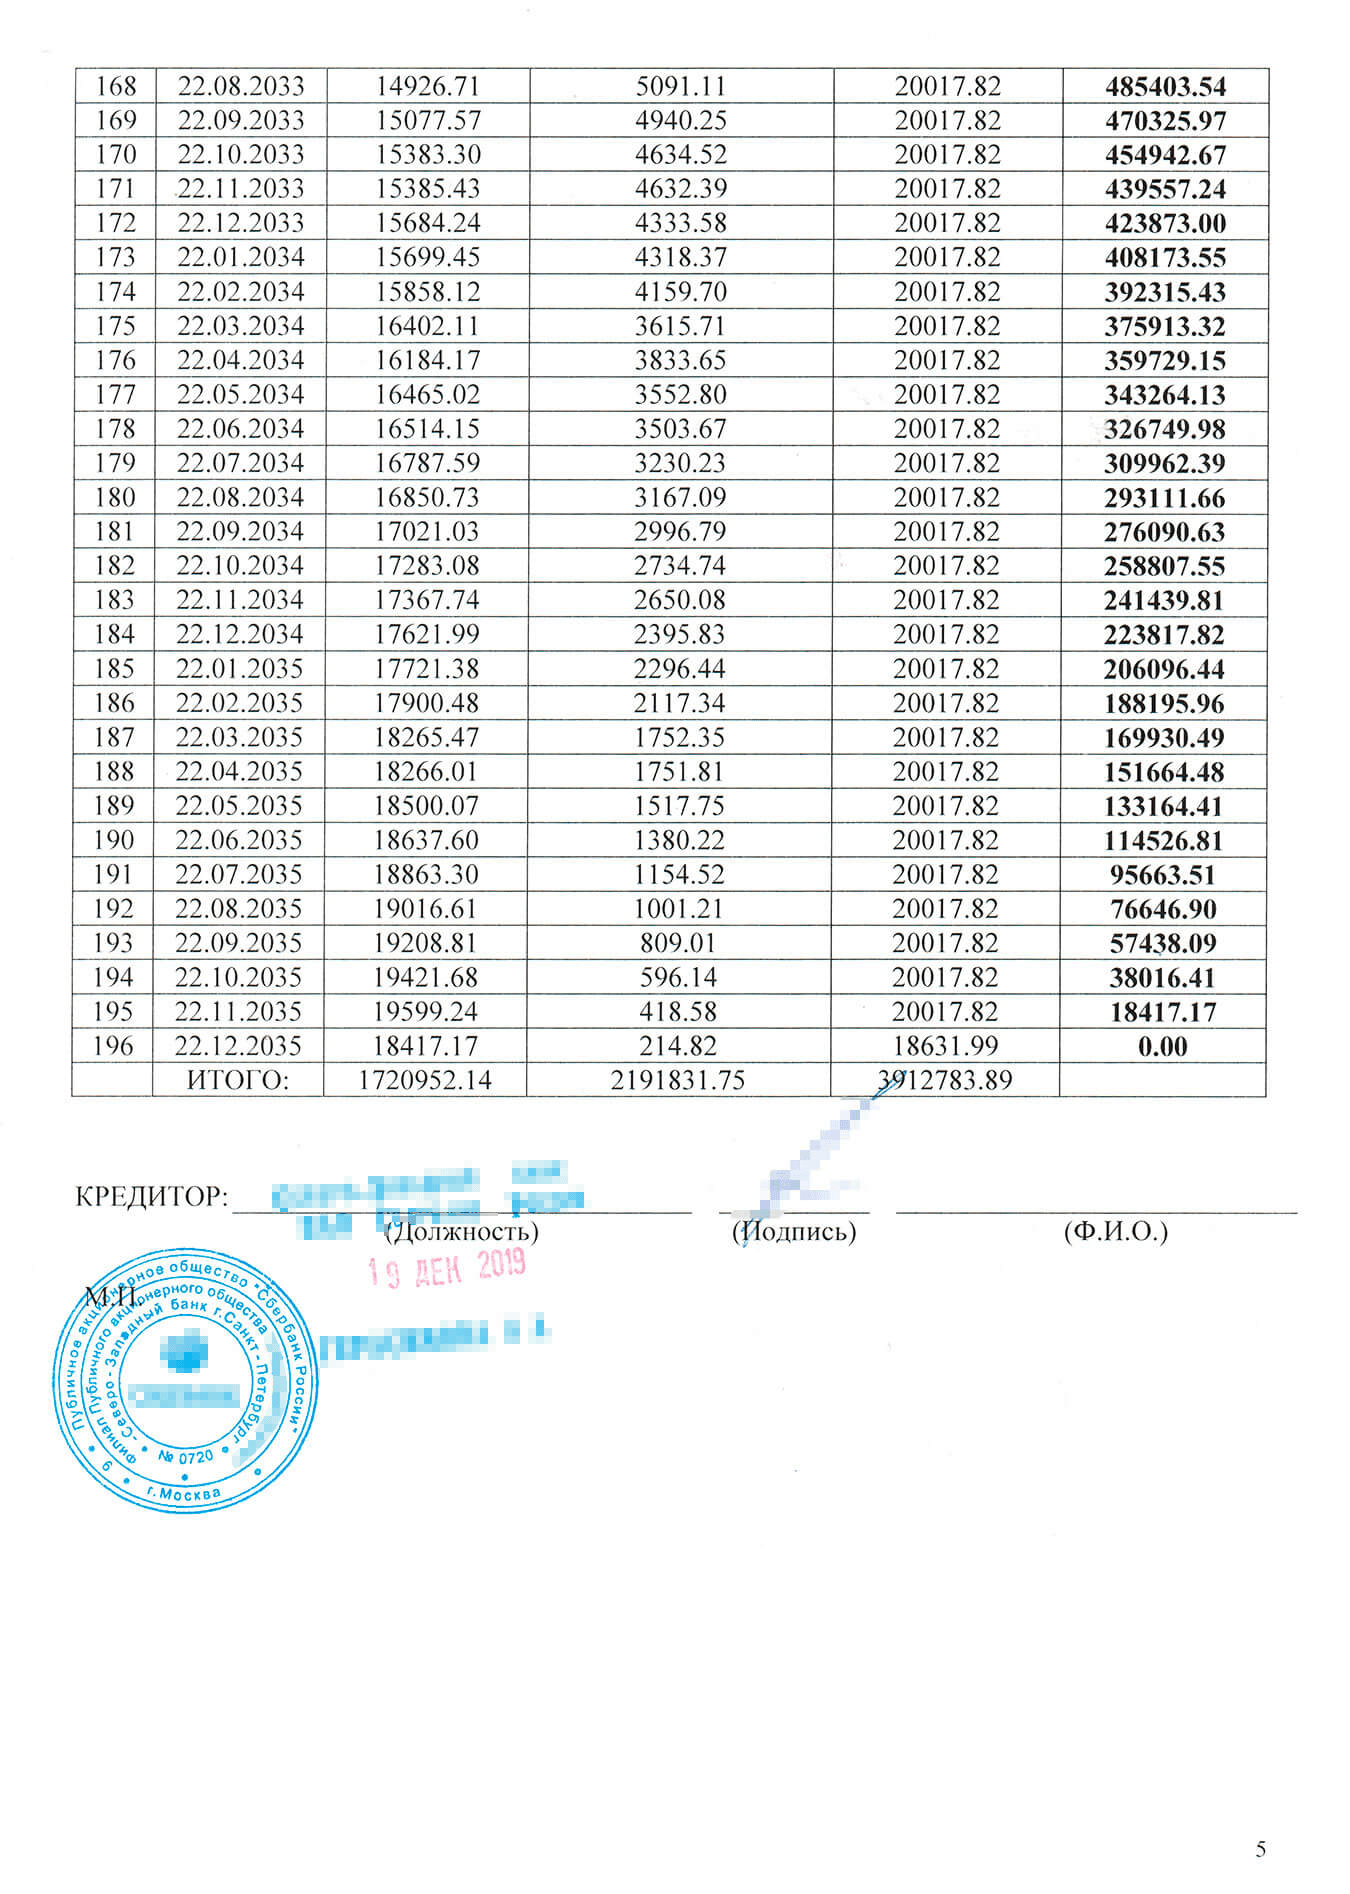 Мой новый график ежемесячных платежей: 20тысяч рублей до конца 2035года. Отсрочку по основному долгу на первый месяц мне почему-то все же подключили. Возможно, кредитку заблокировали из-за этого